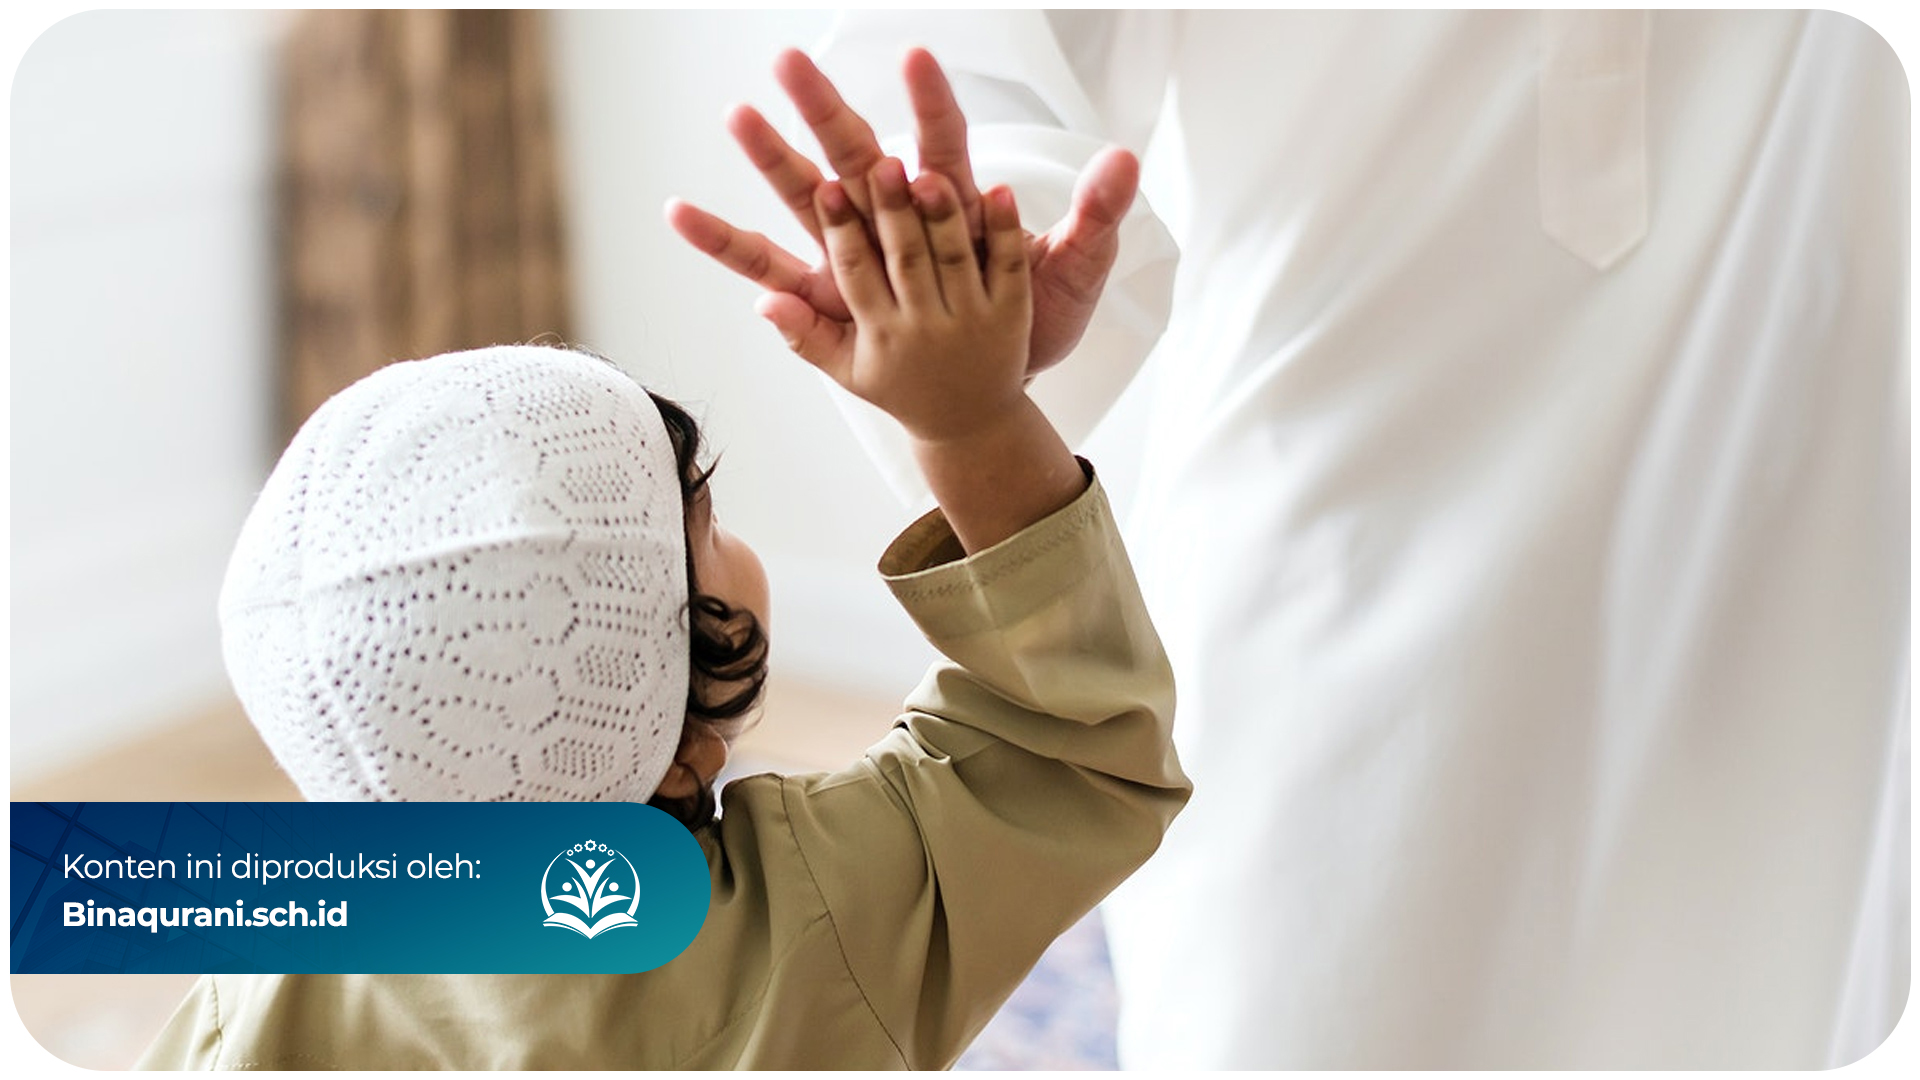 Bina-Qurani-Mengapa-Seorang-Anak-Harus-Berbakti-Kepada-Orang-Tua-